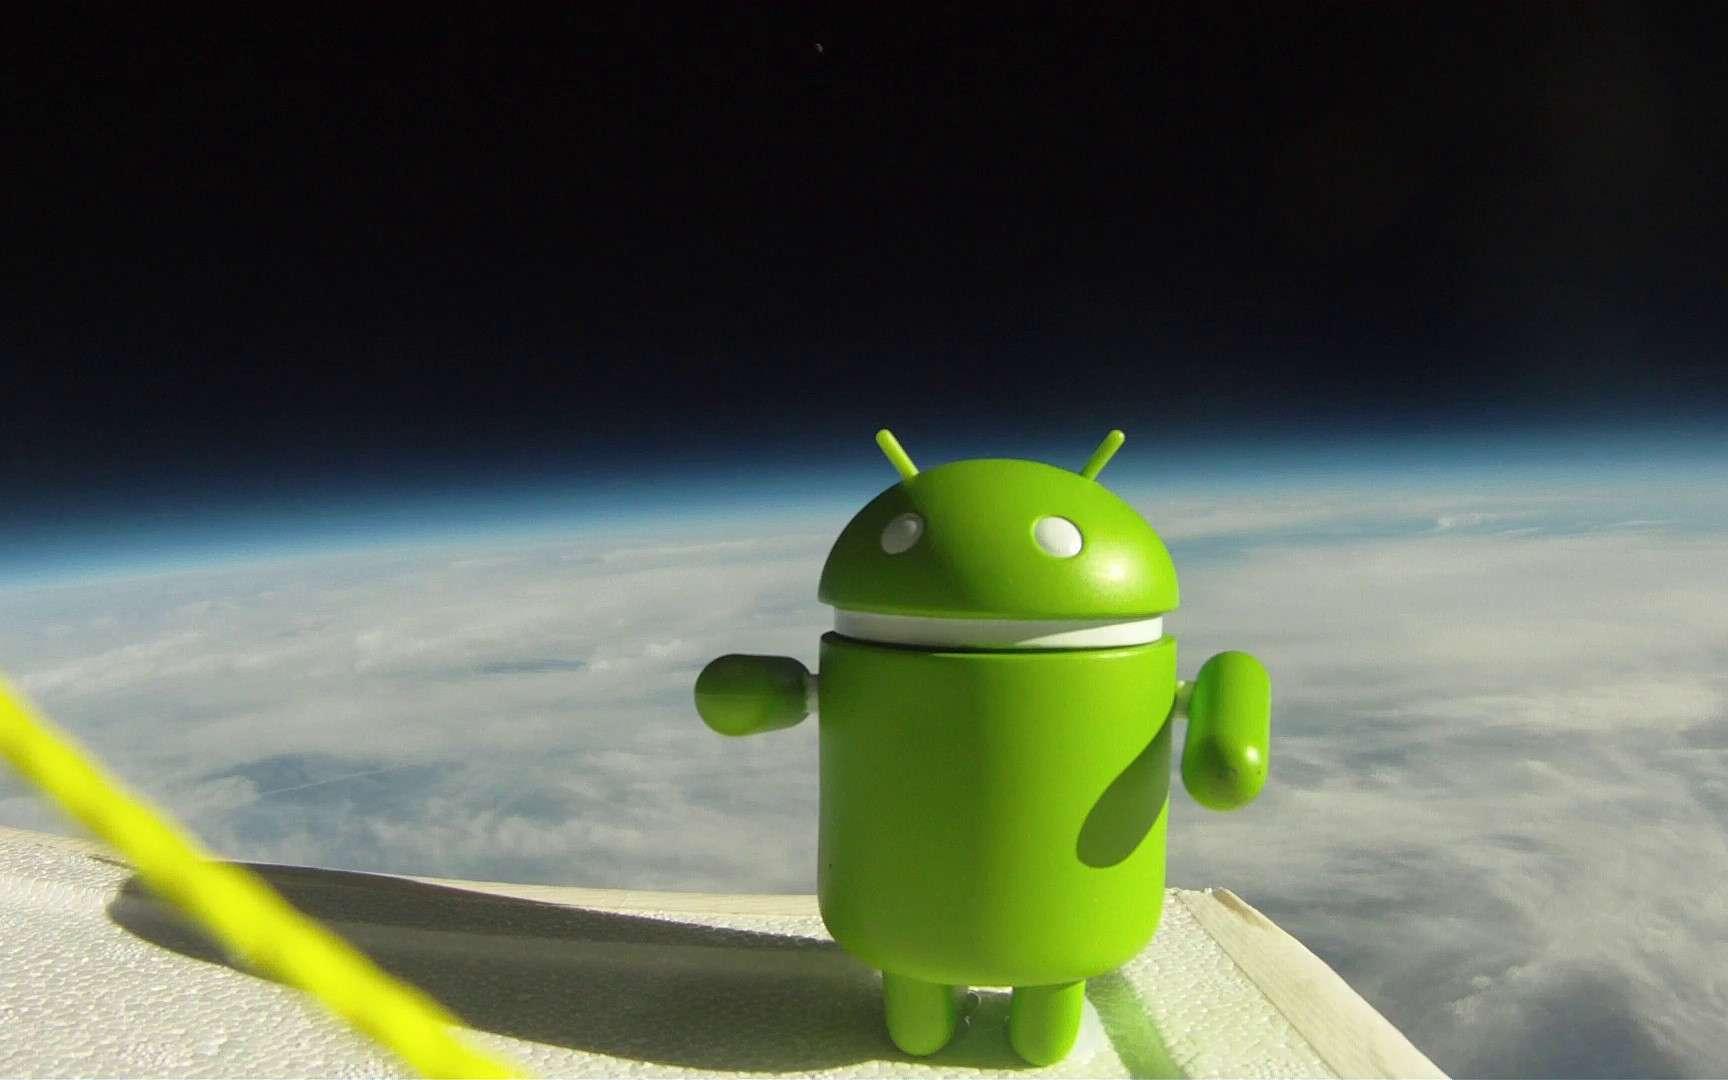 La mascotte d'Android, à 30 kilomètres au-dessus de la surface terrestre, sourit aux photographes. Il peut faire aussi bien que l'iPhone parti un jour dans la stratosphère... © Google